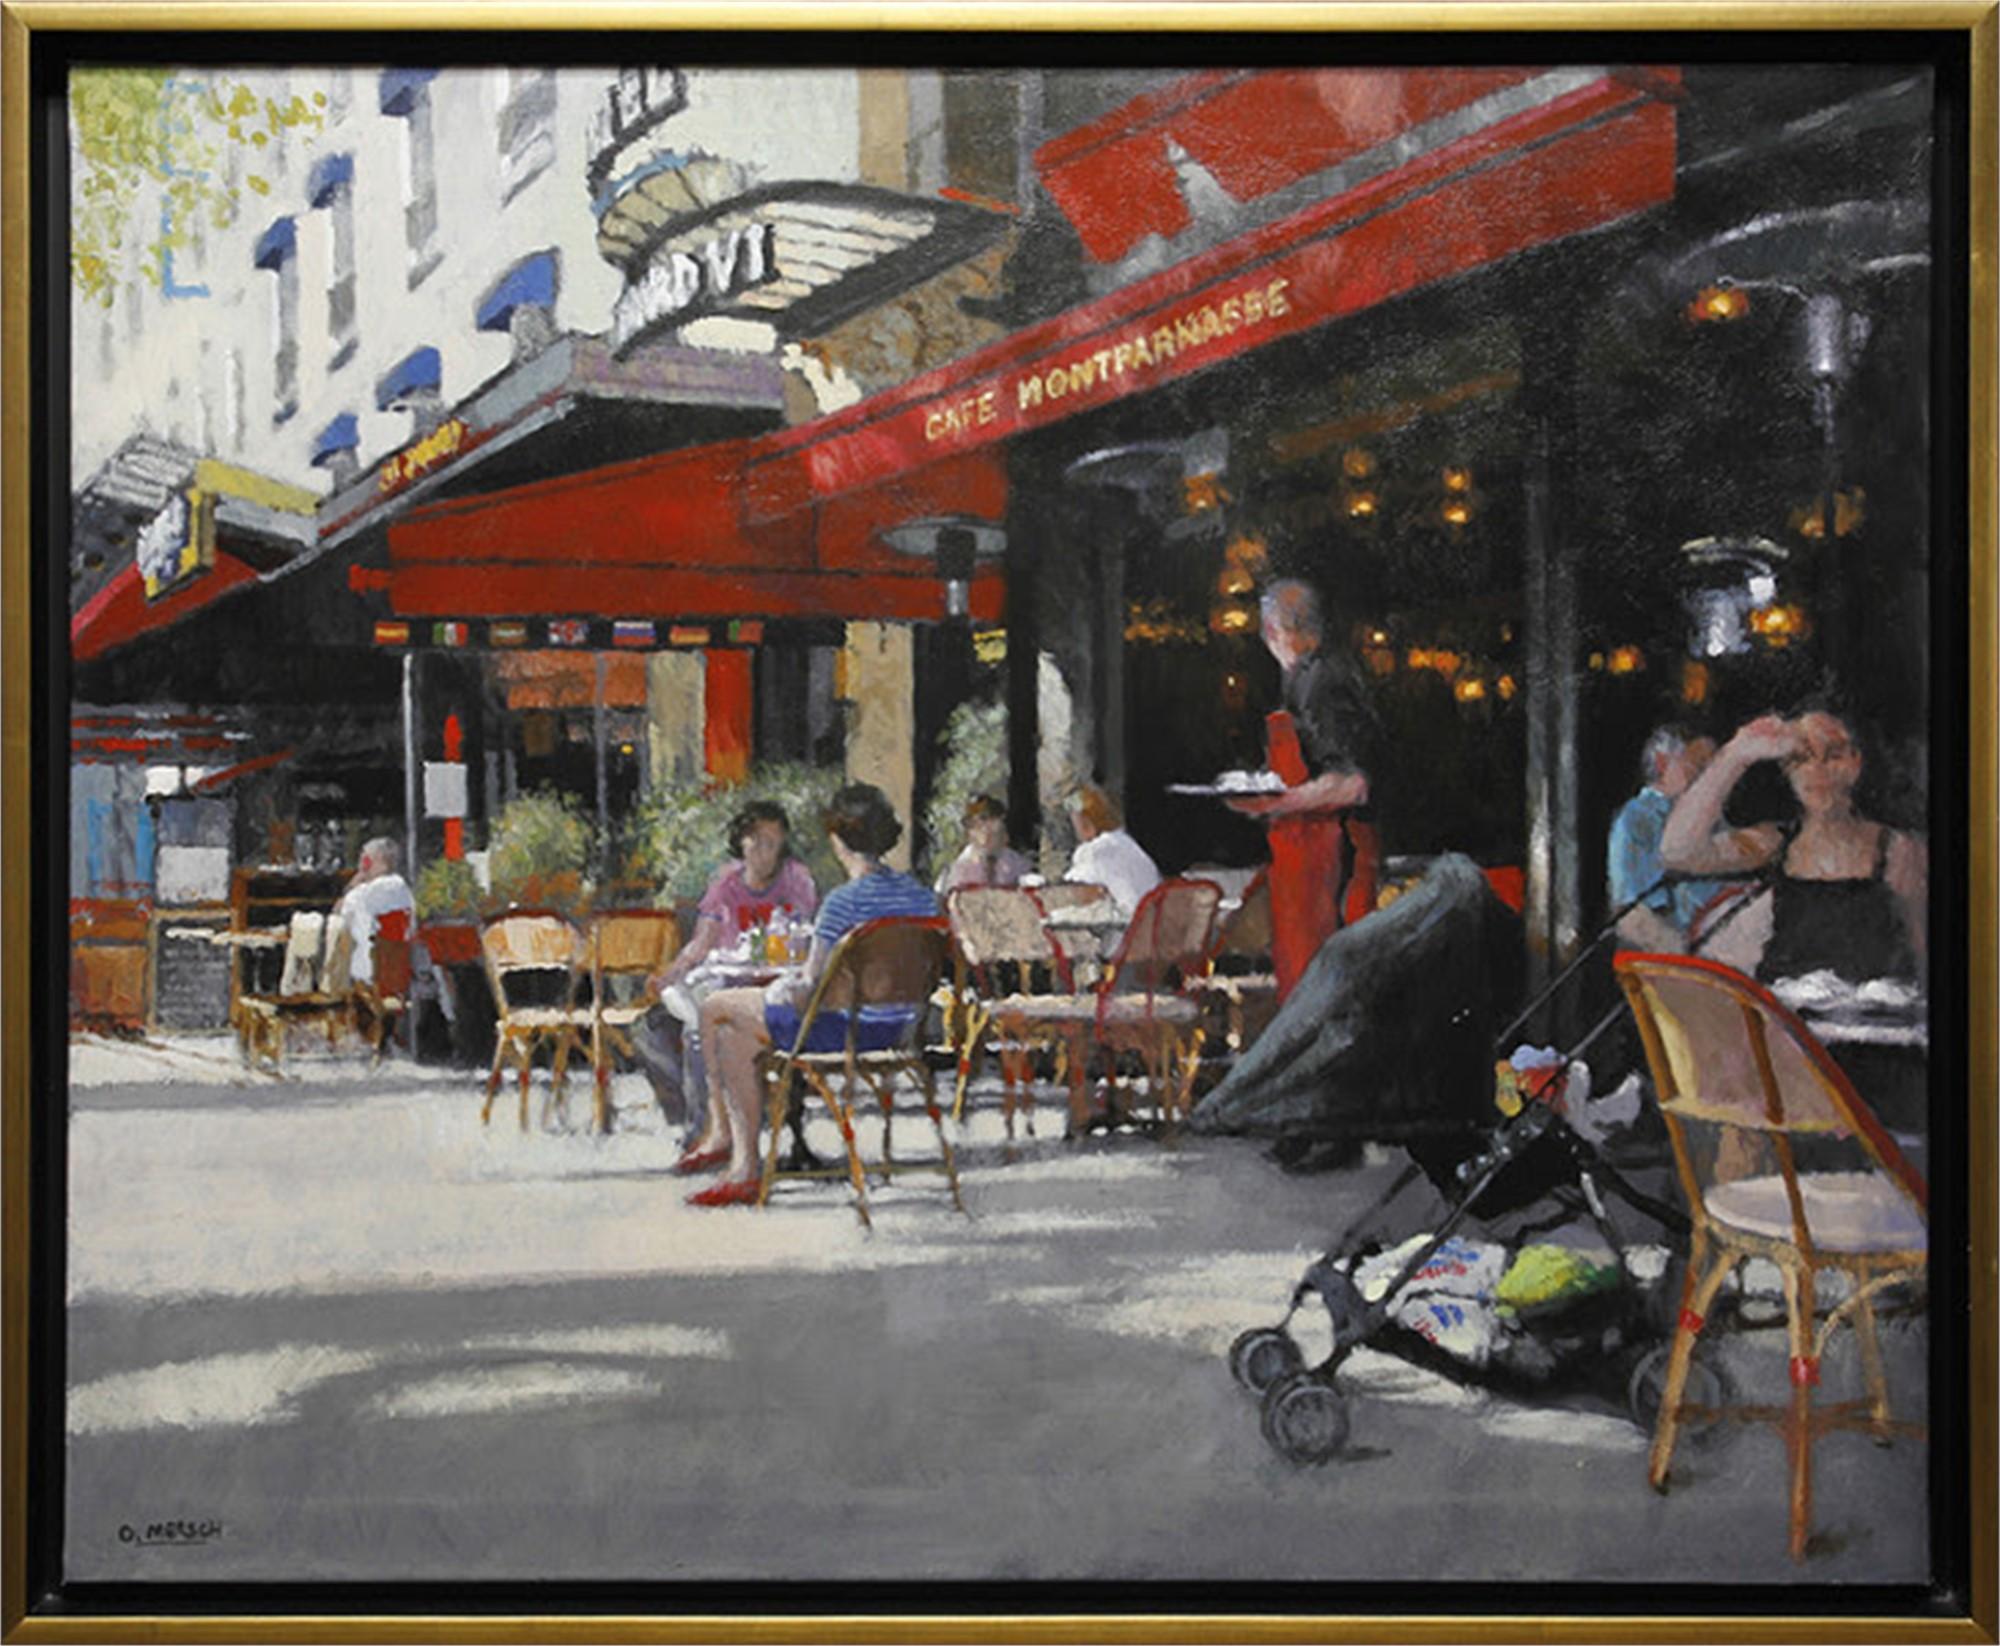 Cafe in Paris by Oscar Mersch